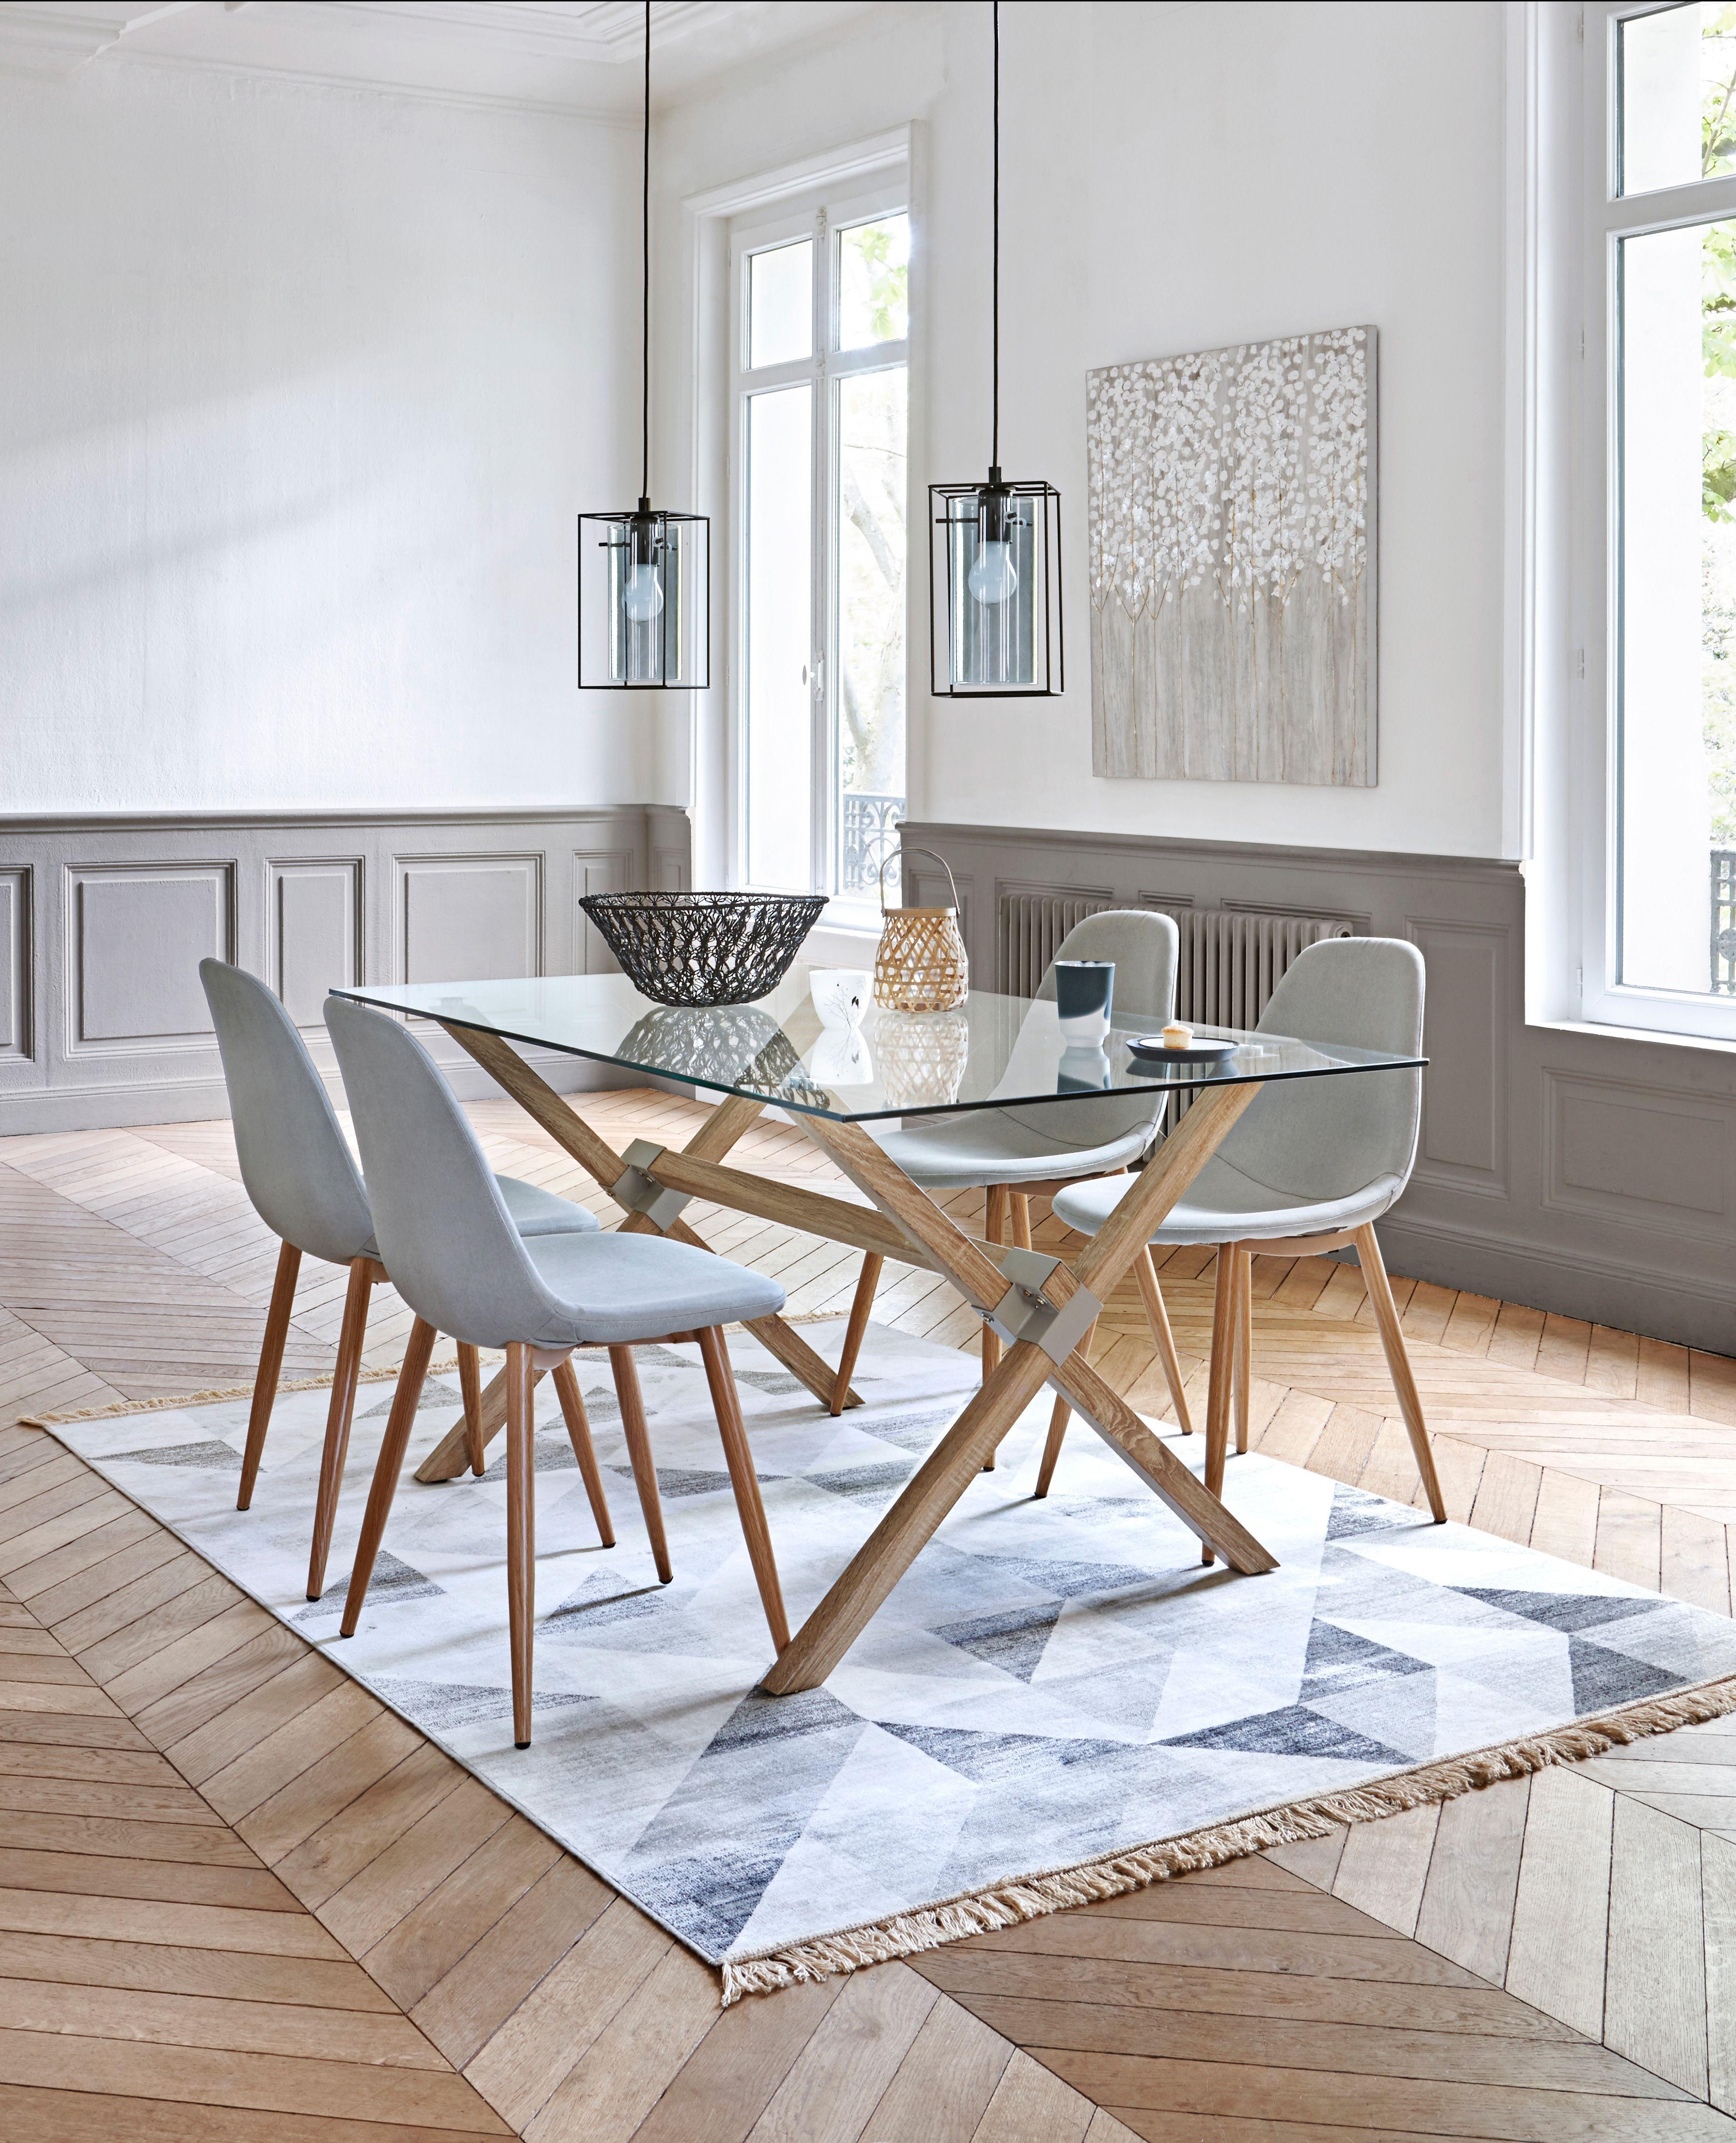 Meubles Salle à Manger but Impressionnant Stock Magasin De Meubles but Avec Chaise Moderne Avec Table Rustique